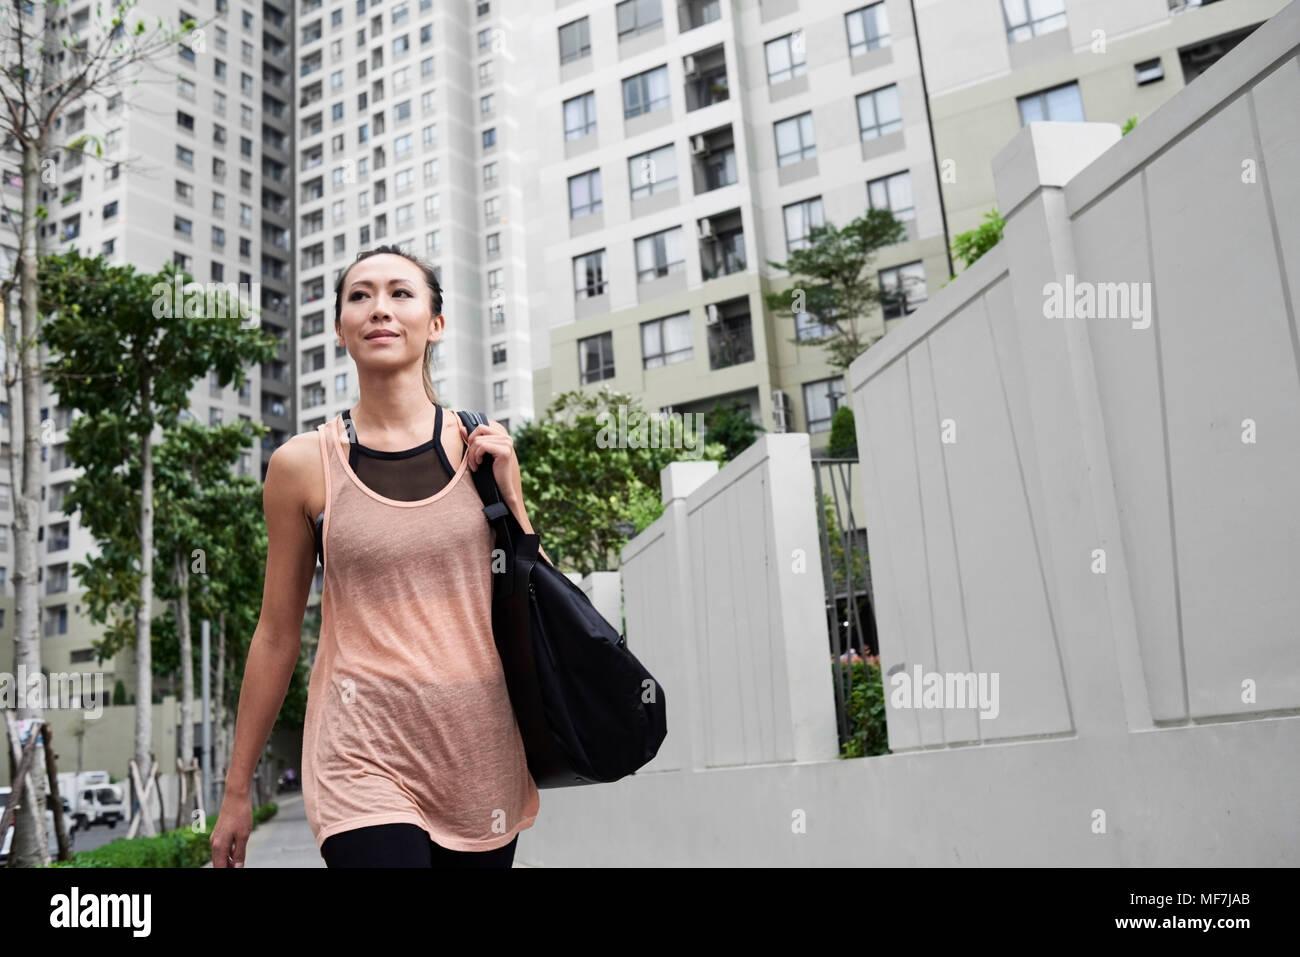 Sicher passende Frau wandern in städtische Umwelt Stockbild